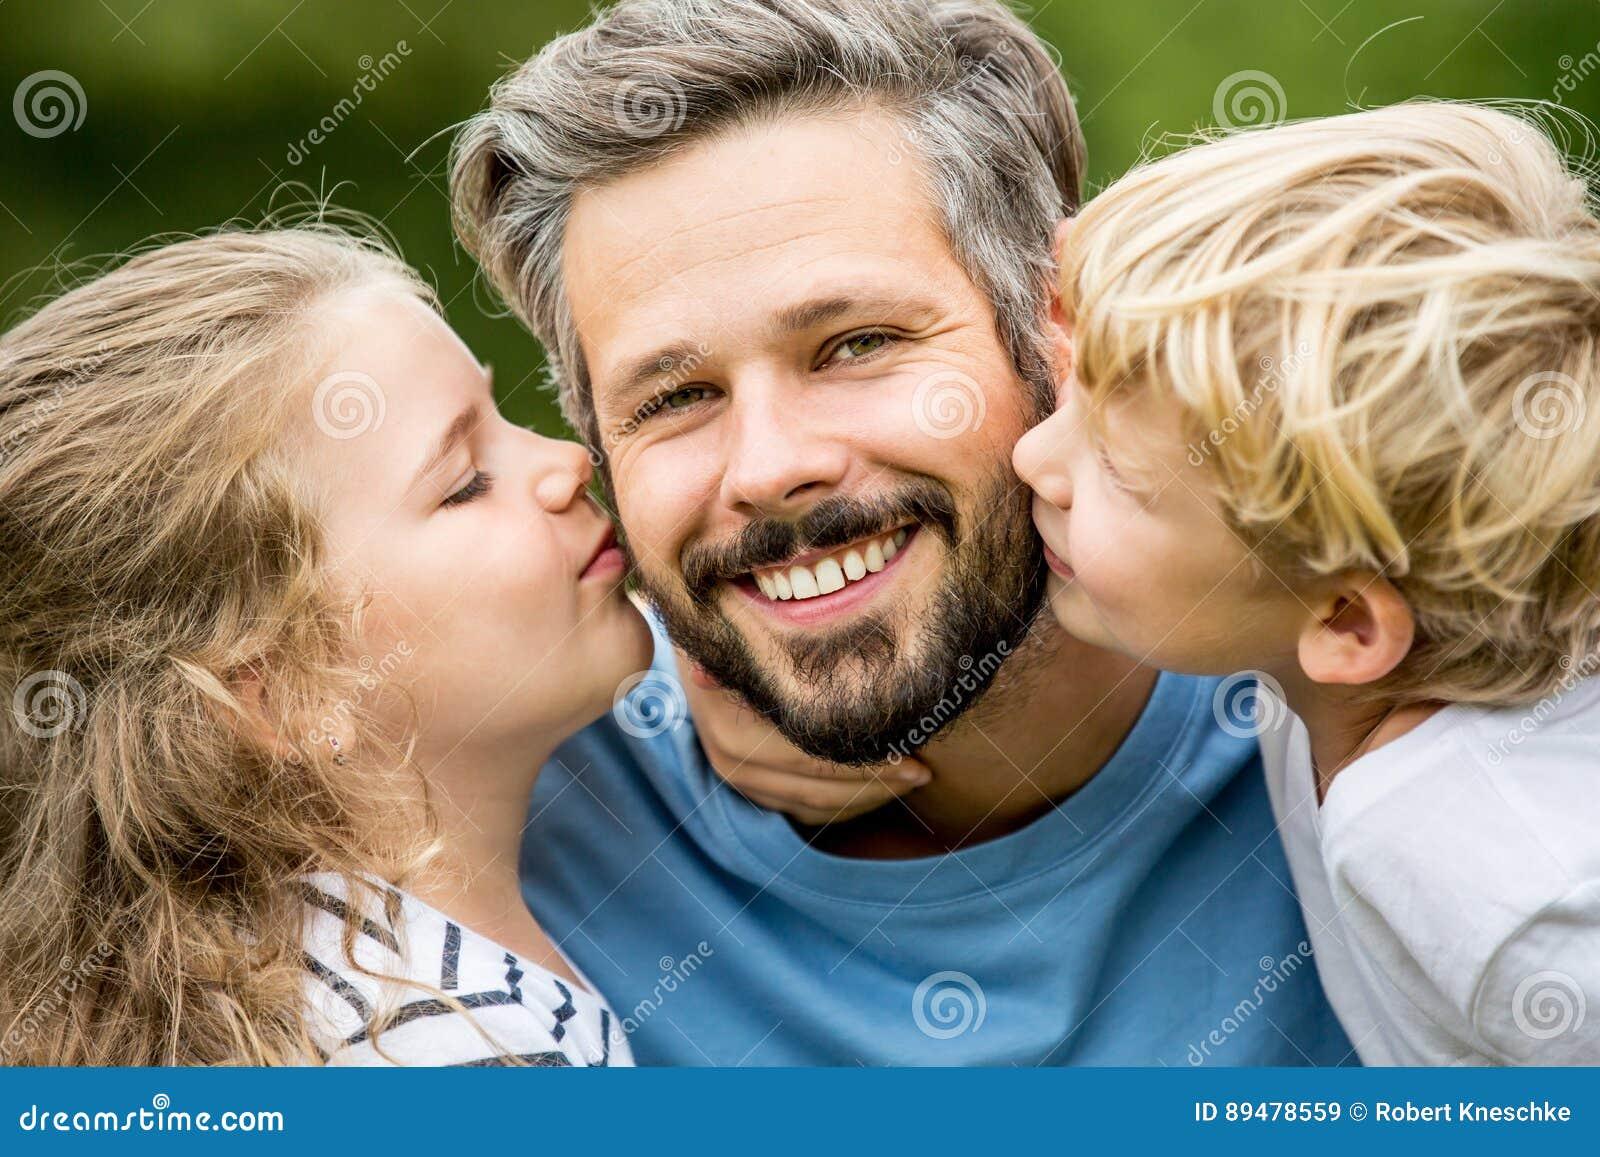 Kussen Voor Kinderen : Kinderen die vader met liefde kussen stock afbeelding afbeelding